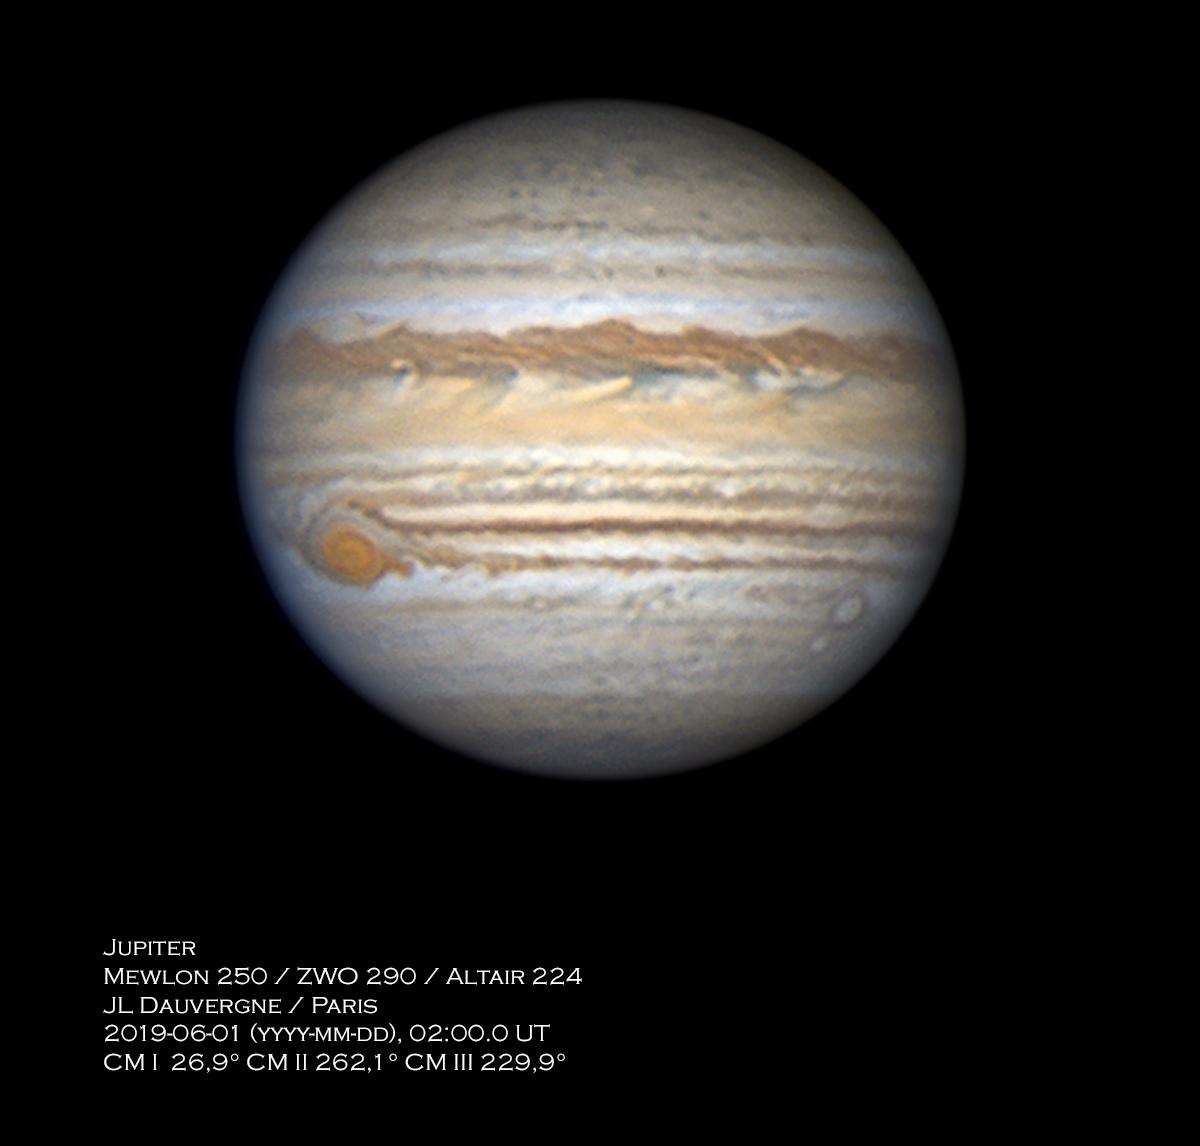 2019-06-01-0200_0-LL-Jupiter_ALTAIRGP224C_lapl6_ap119.png.jpg